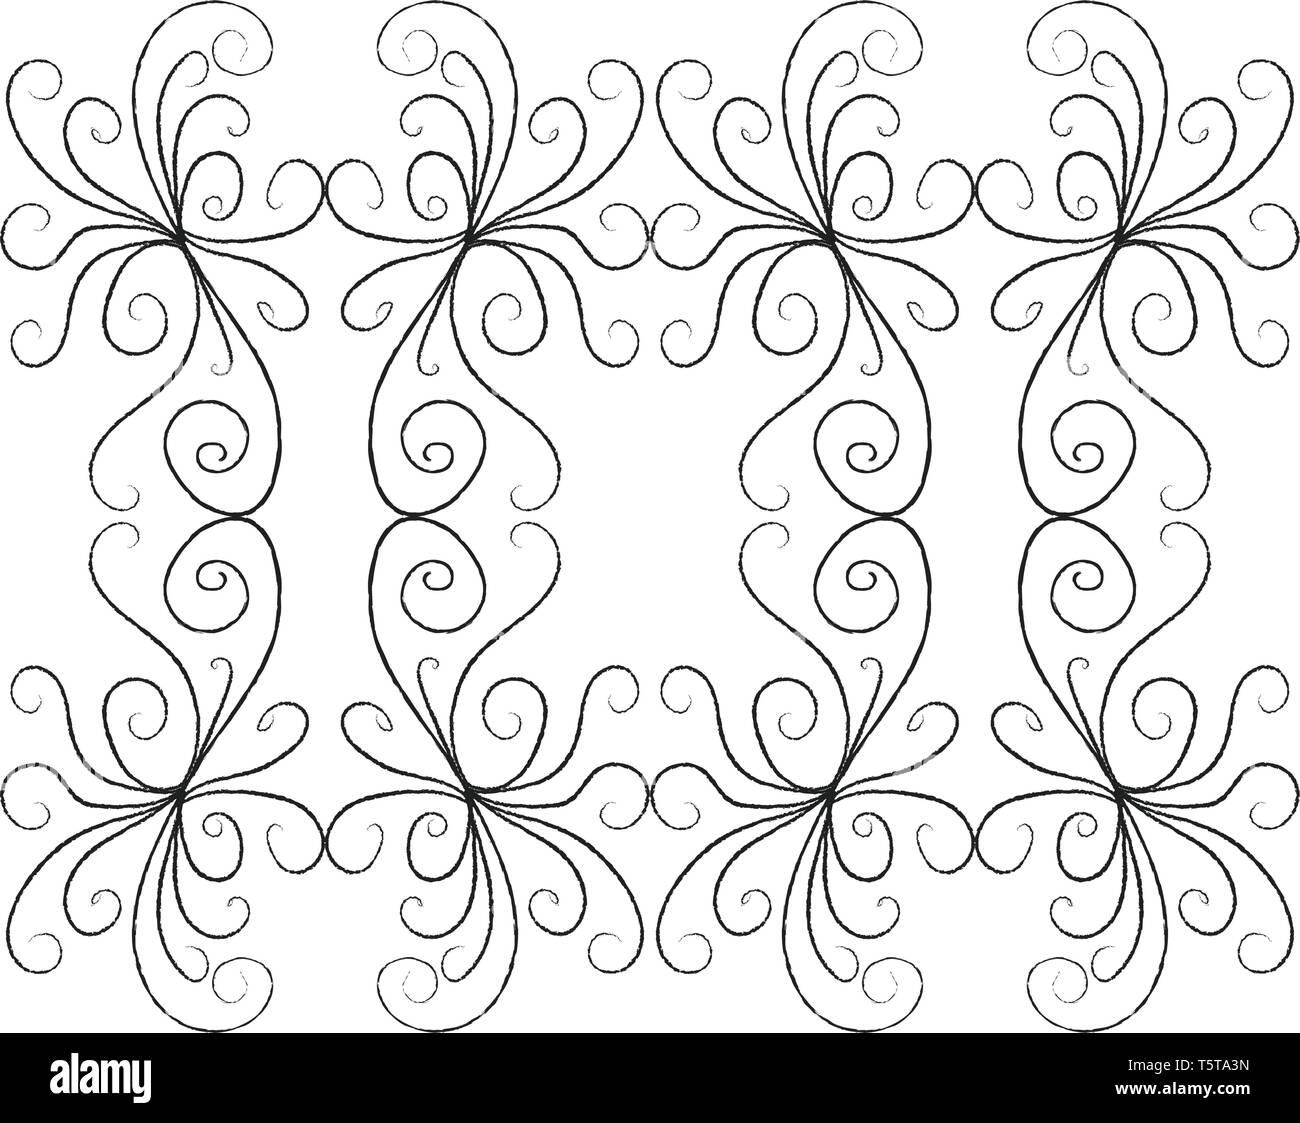 Una Línea Bidimensional Monocromática Arte De Varias Curvas